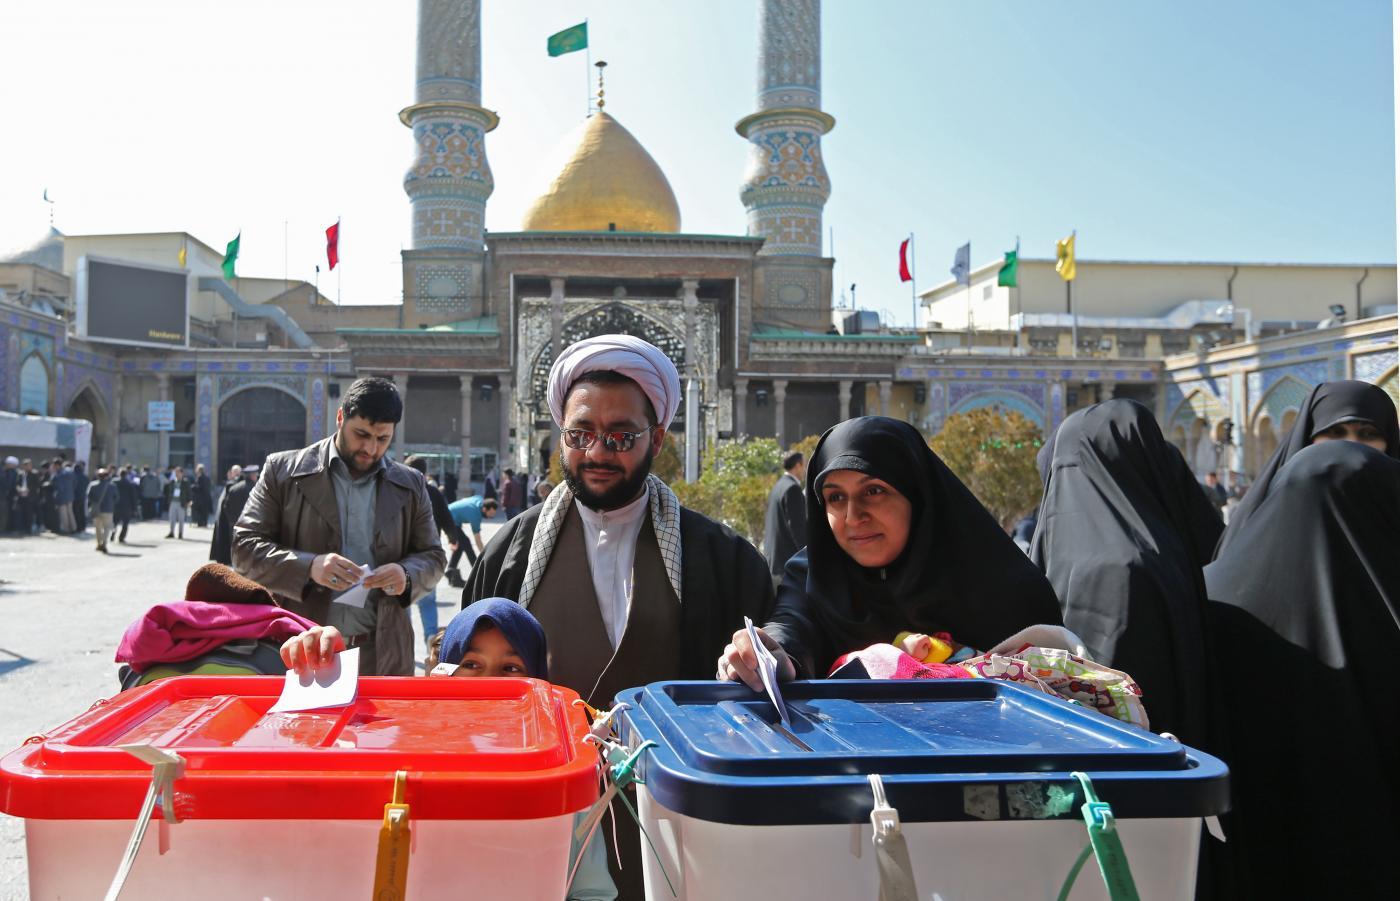 İranlılar, 21 Şubat 2020'de Tahran'ın güney eteklerinde bulunan Şah Abdul Azim türbesinde yapılan parlamento seçimleri sırasında oy kullandı. (AFP)